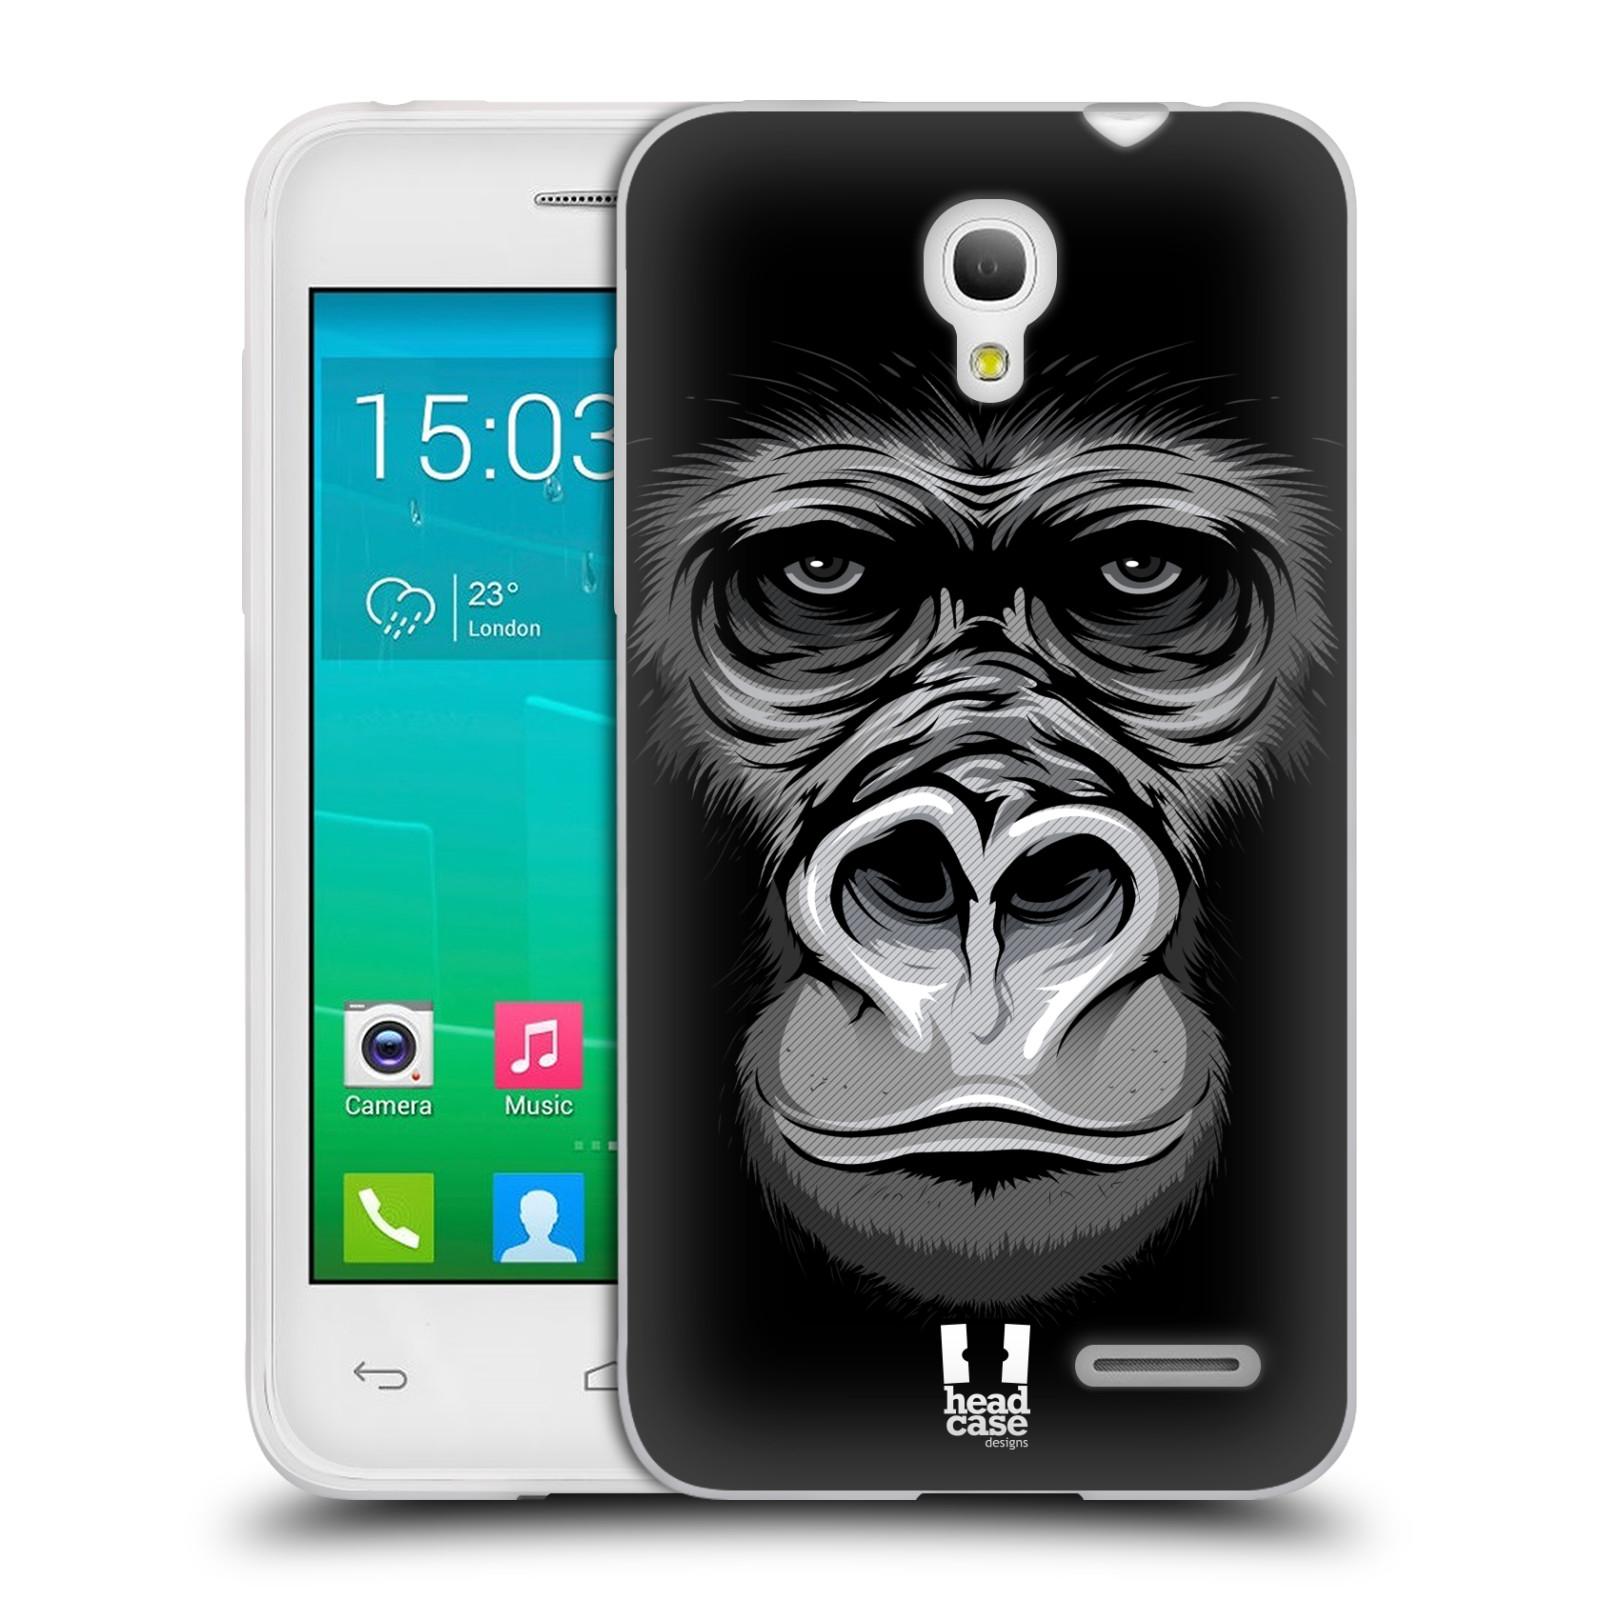 HEAD CASE silikonový obal na mobil Alcatel POP S3 OT-5050Y vzor Zvíře kreslená tvář 2 gorila